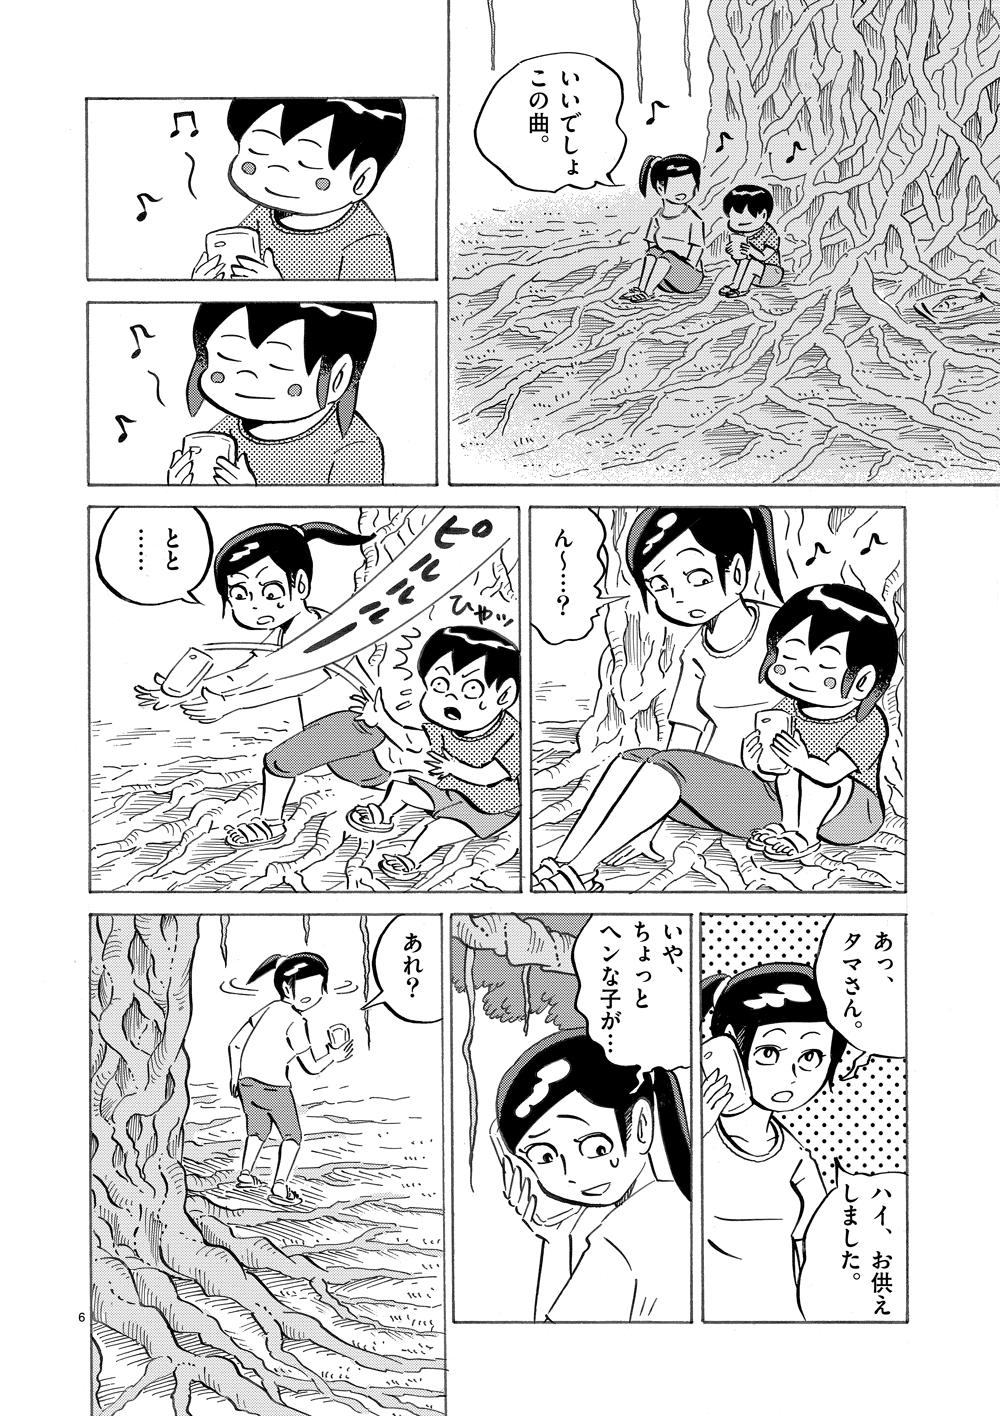 琉球怪談 【第6話】WEB掲載6ページ目画像